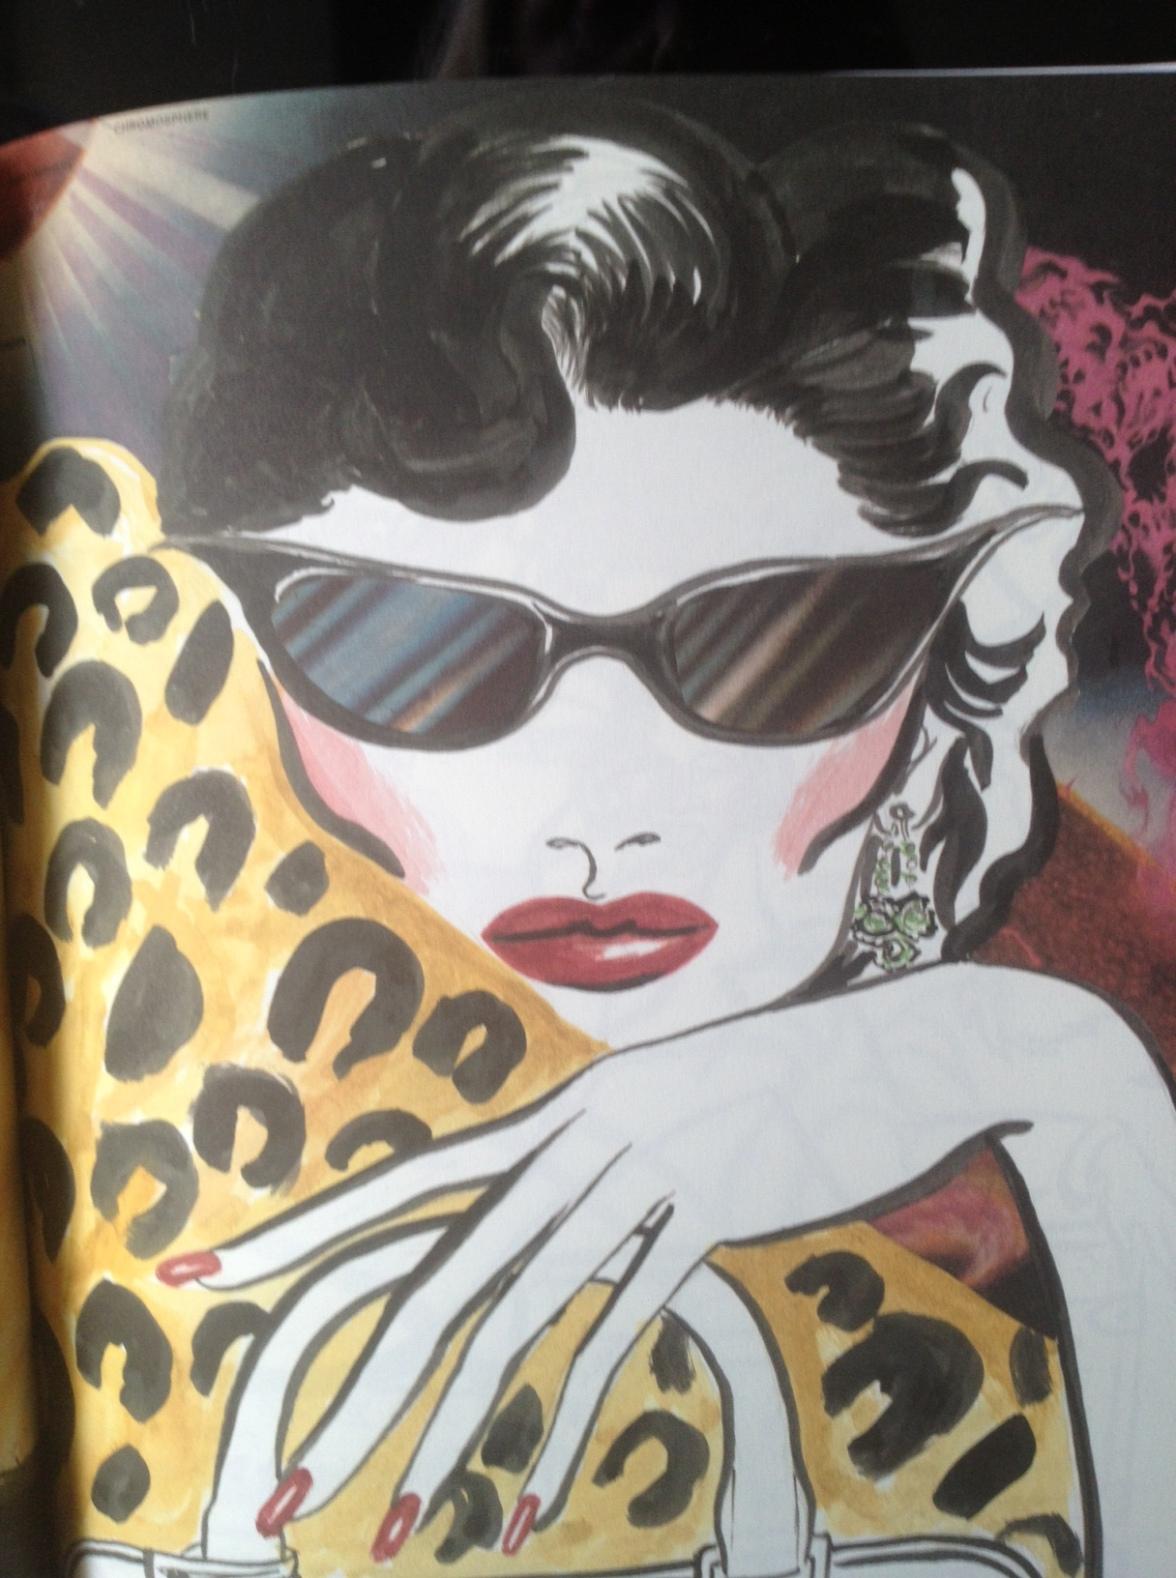 Ava Gardner's Loewe by Gordon Flores